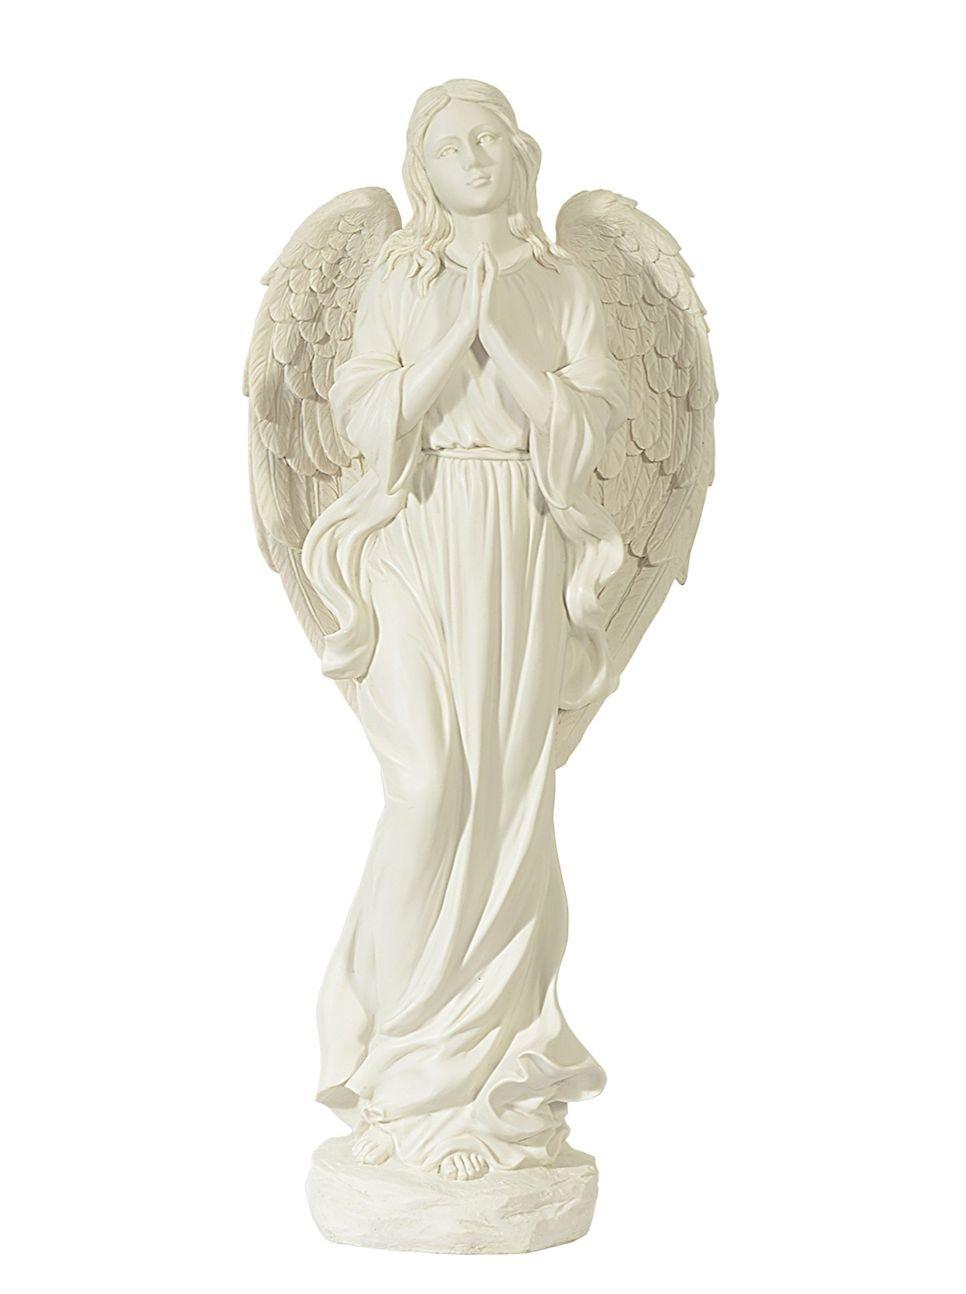 großer Engel - Schutzengel - Grabengel in Marmor Optik-wunderschön 51cm Angel nice